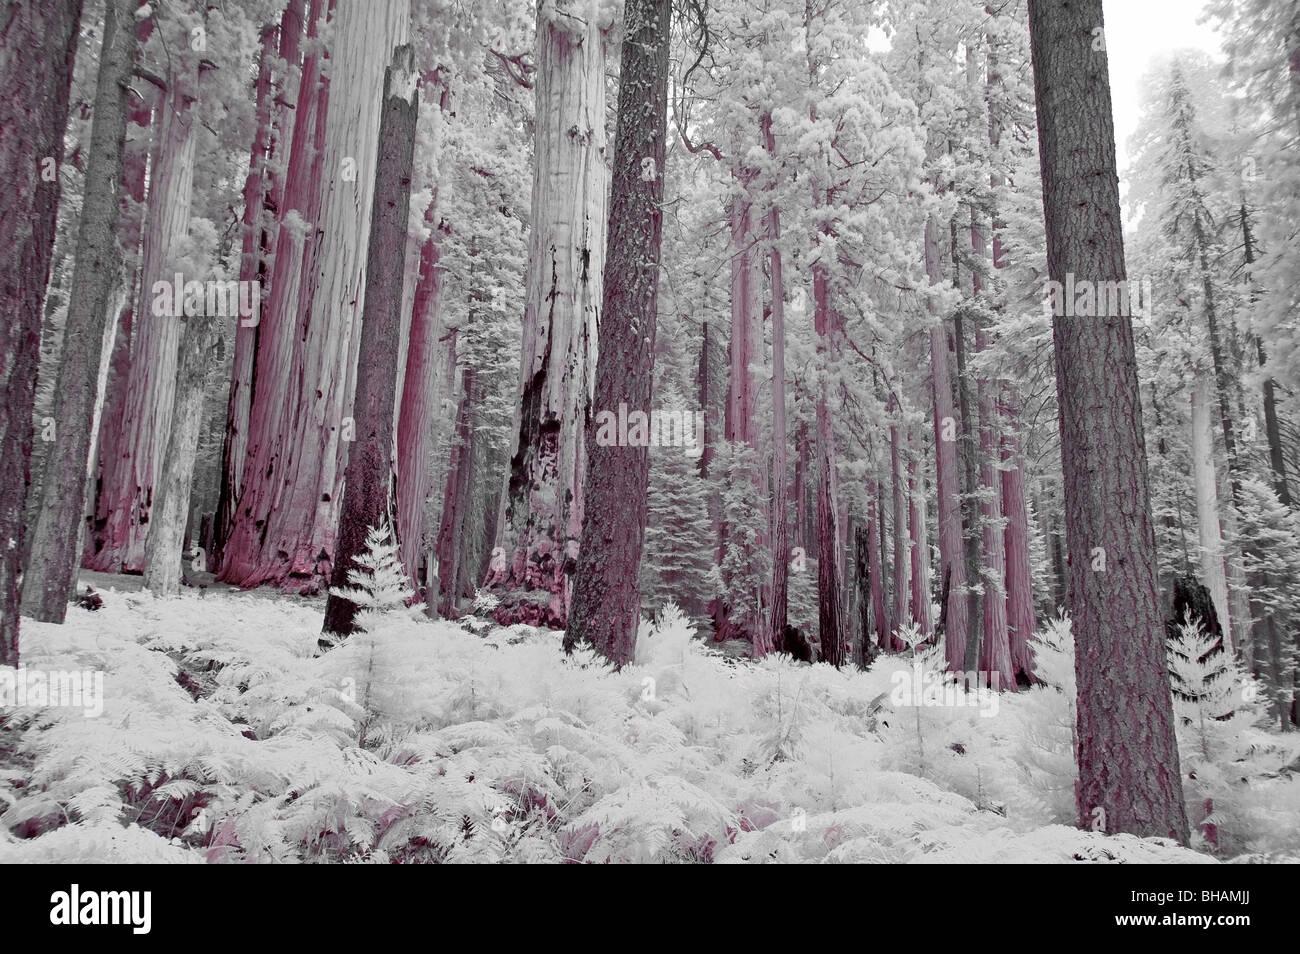 Infrarot-Aufnahme der Mammutbaum Wälder im Sequoia Nationalpark, Kalifornien, USA Stockbild